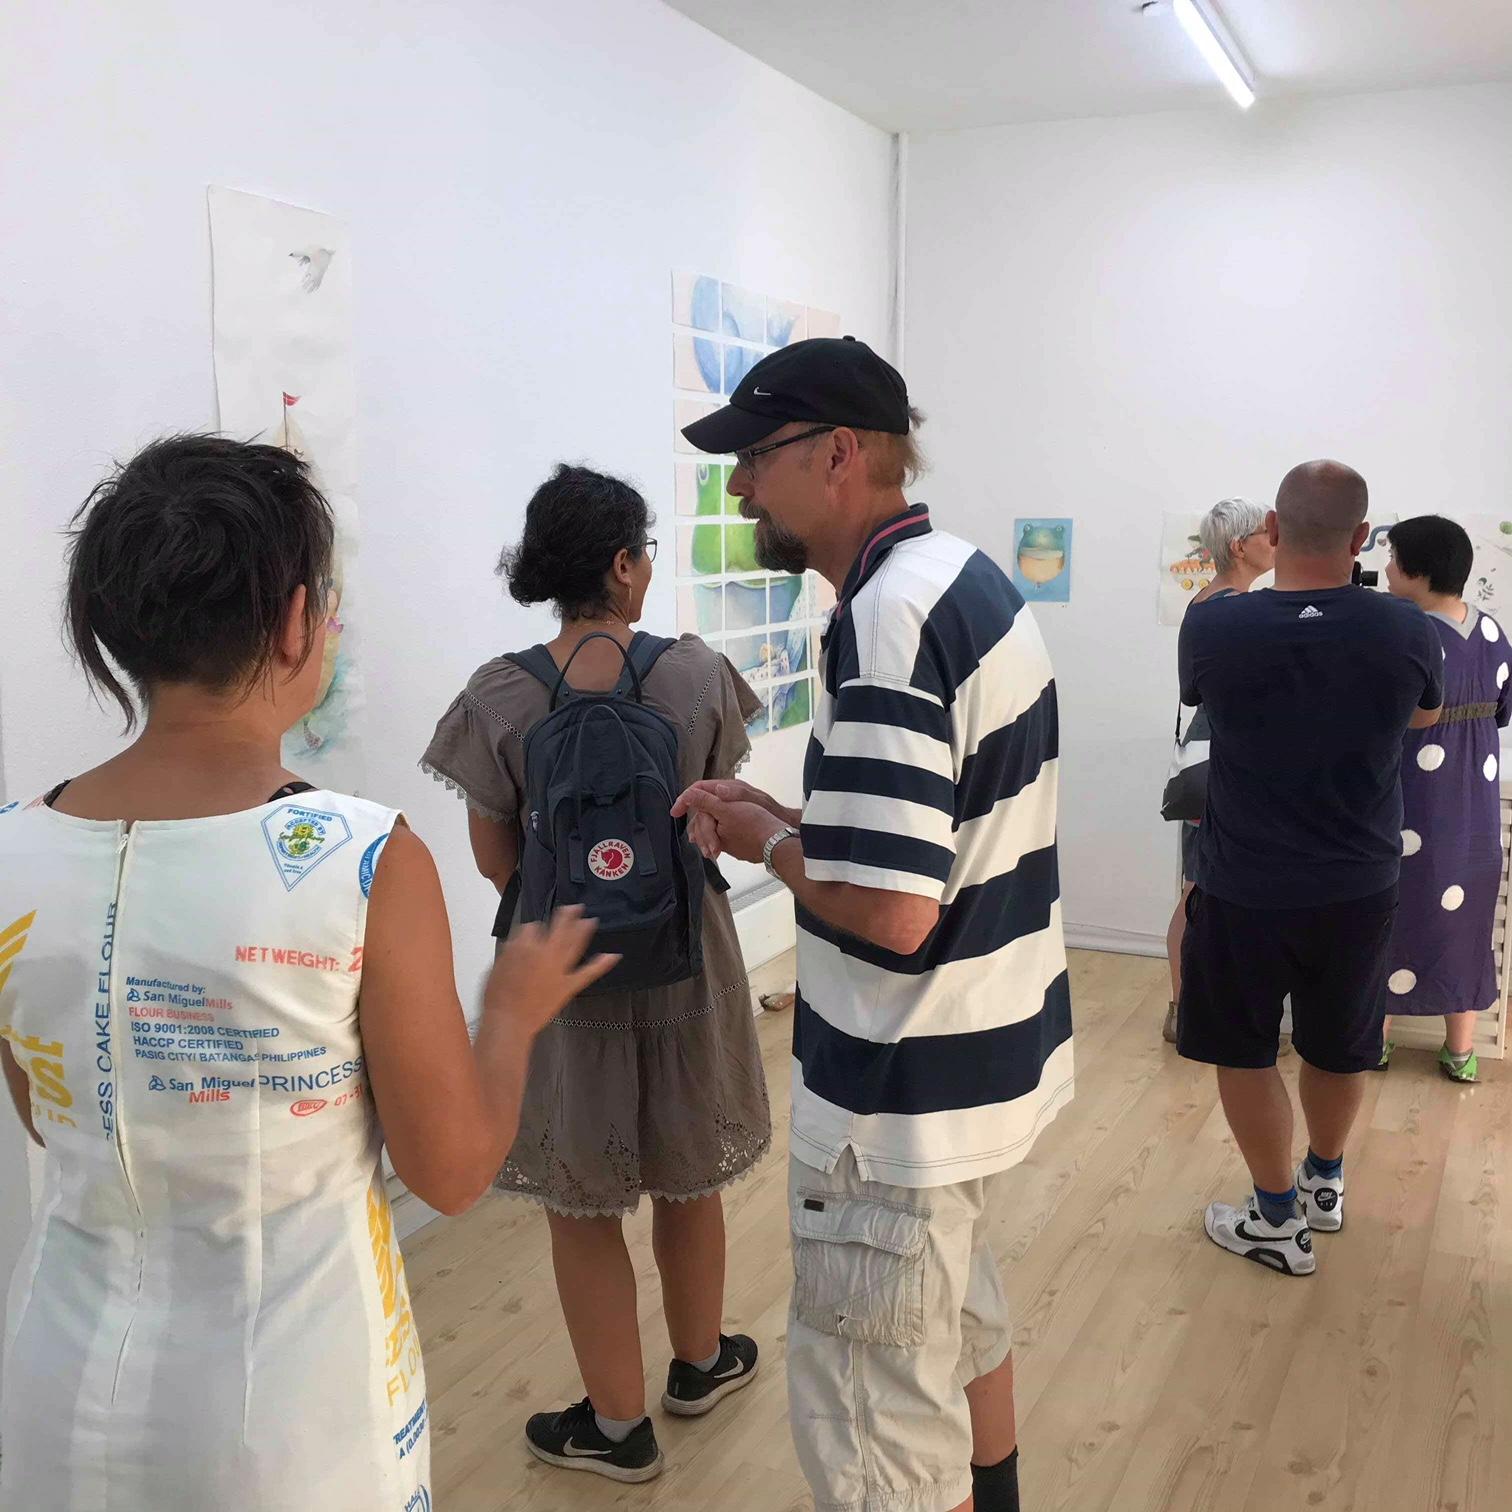 展覧会が行われたギャラリー。看板には「JAPANSK(日本)」の文字が。多くの人々が自由に出入りしていた